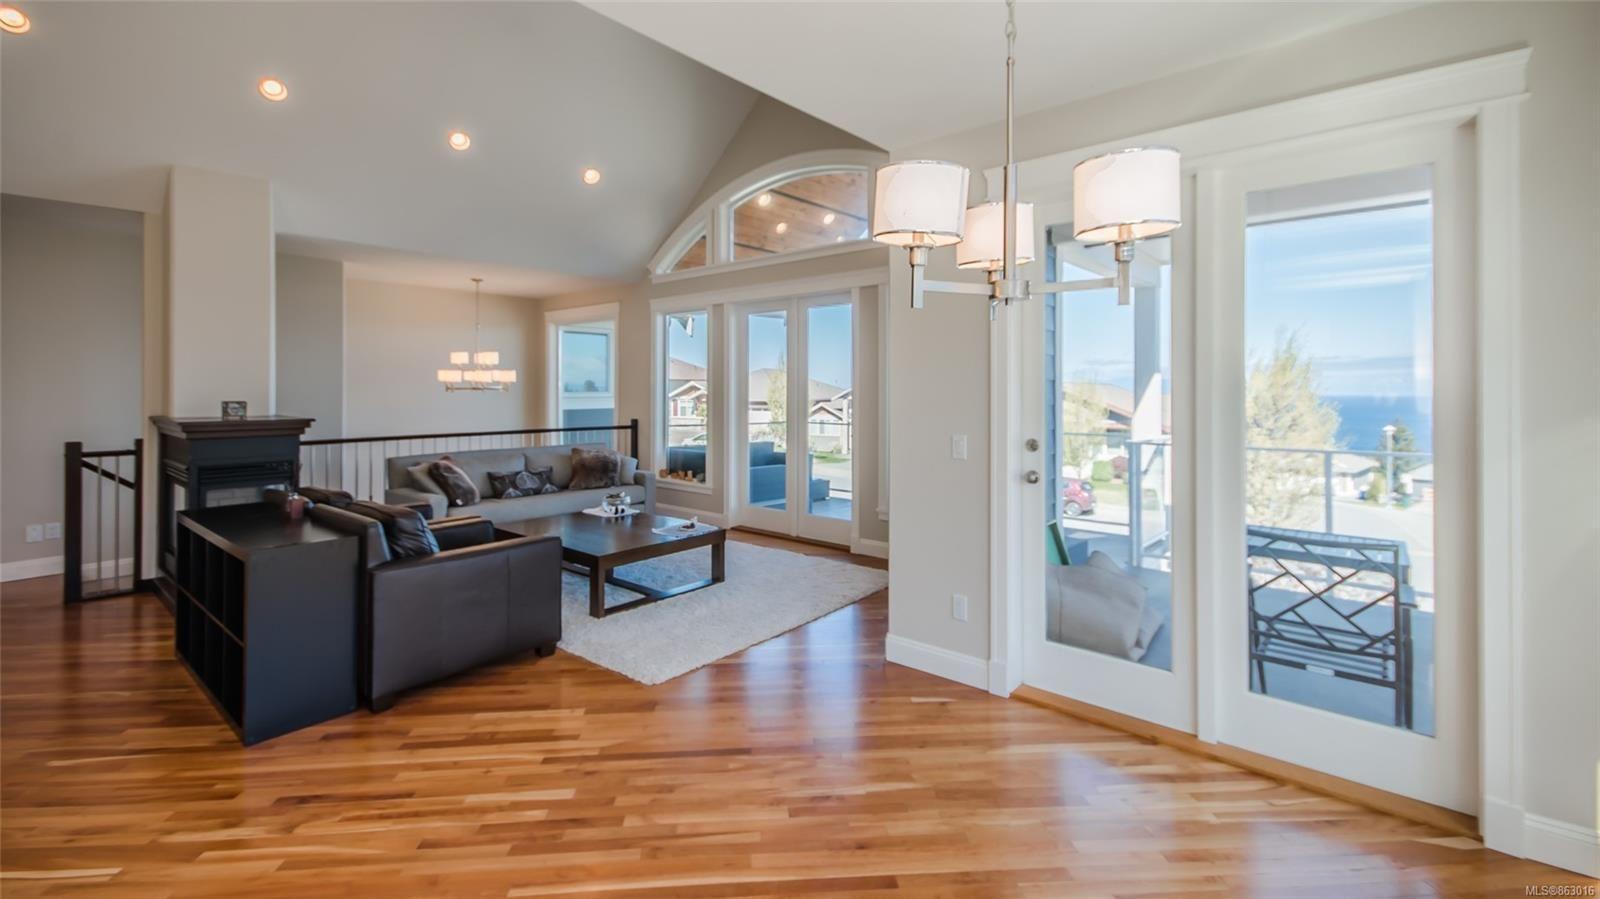 Photo 10: Photos: 5361 Laguna Way in : Na North Nanaimo House for sale (Nanaimo)  : MLS®# 863016